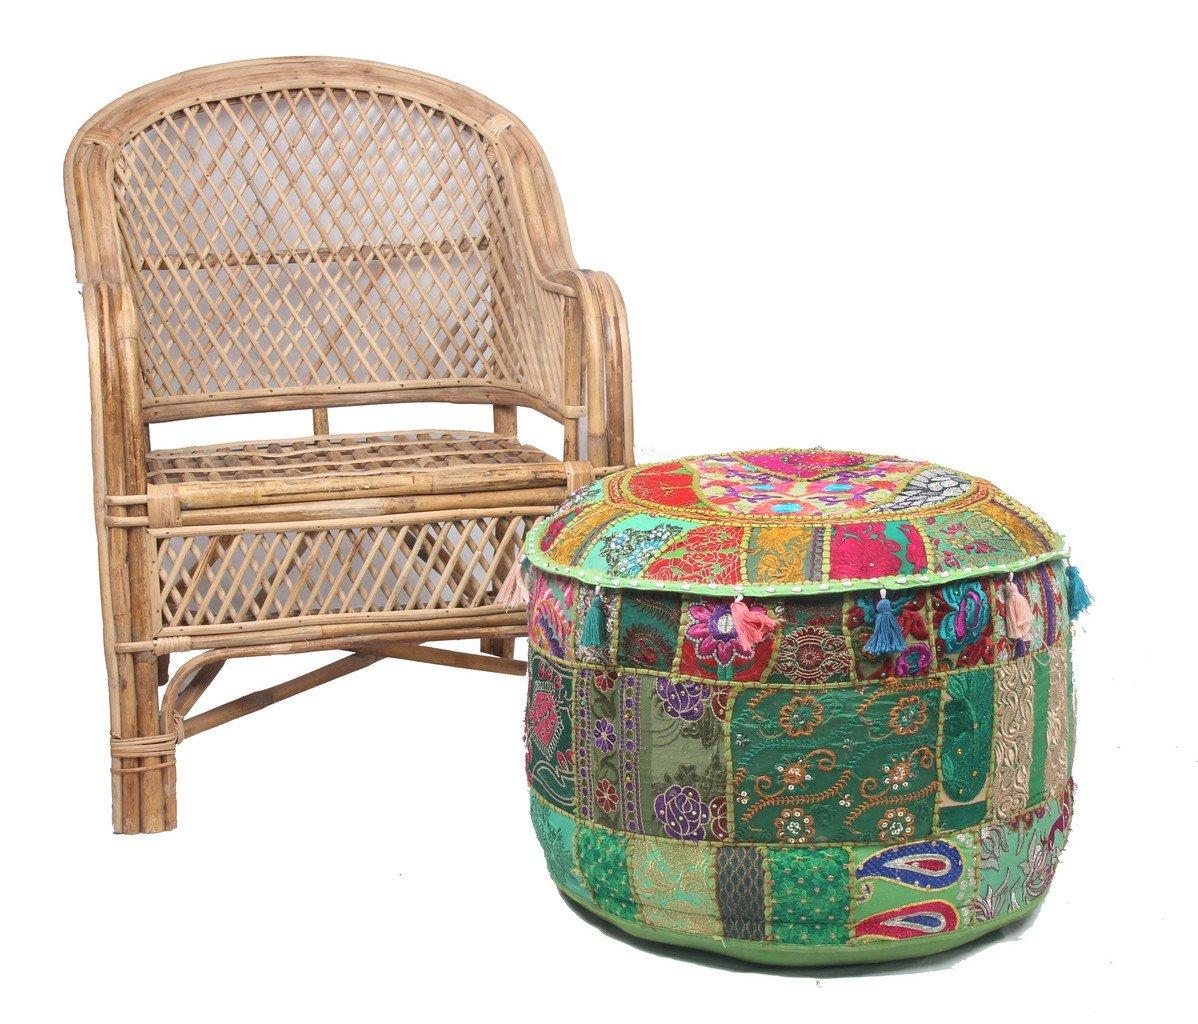 Jth Dari Patchwork Bohème Housse de pouf Ottoman brodée Pouf rond Repose-pieds (Taille: 55, 9x 30, 5x 55, 9cm) Jaipur Textile Hub